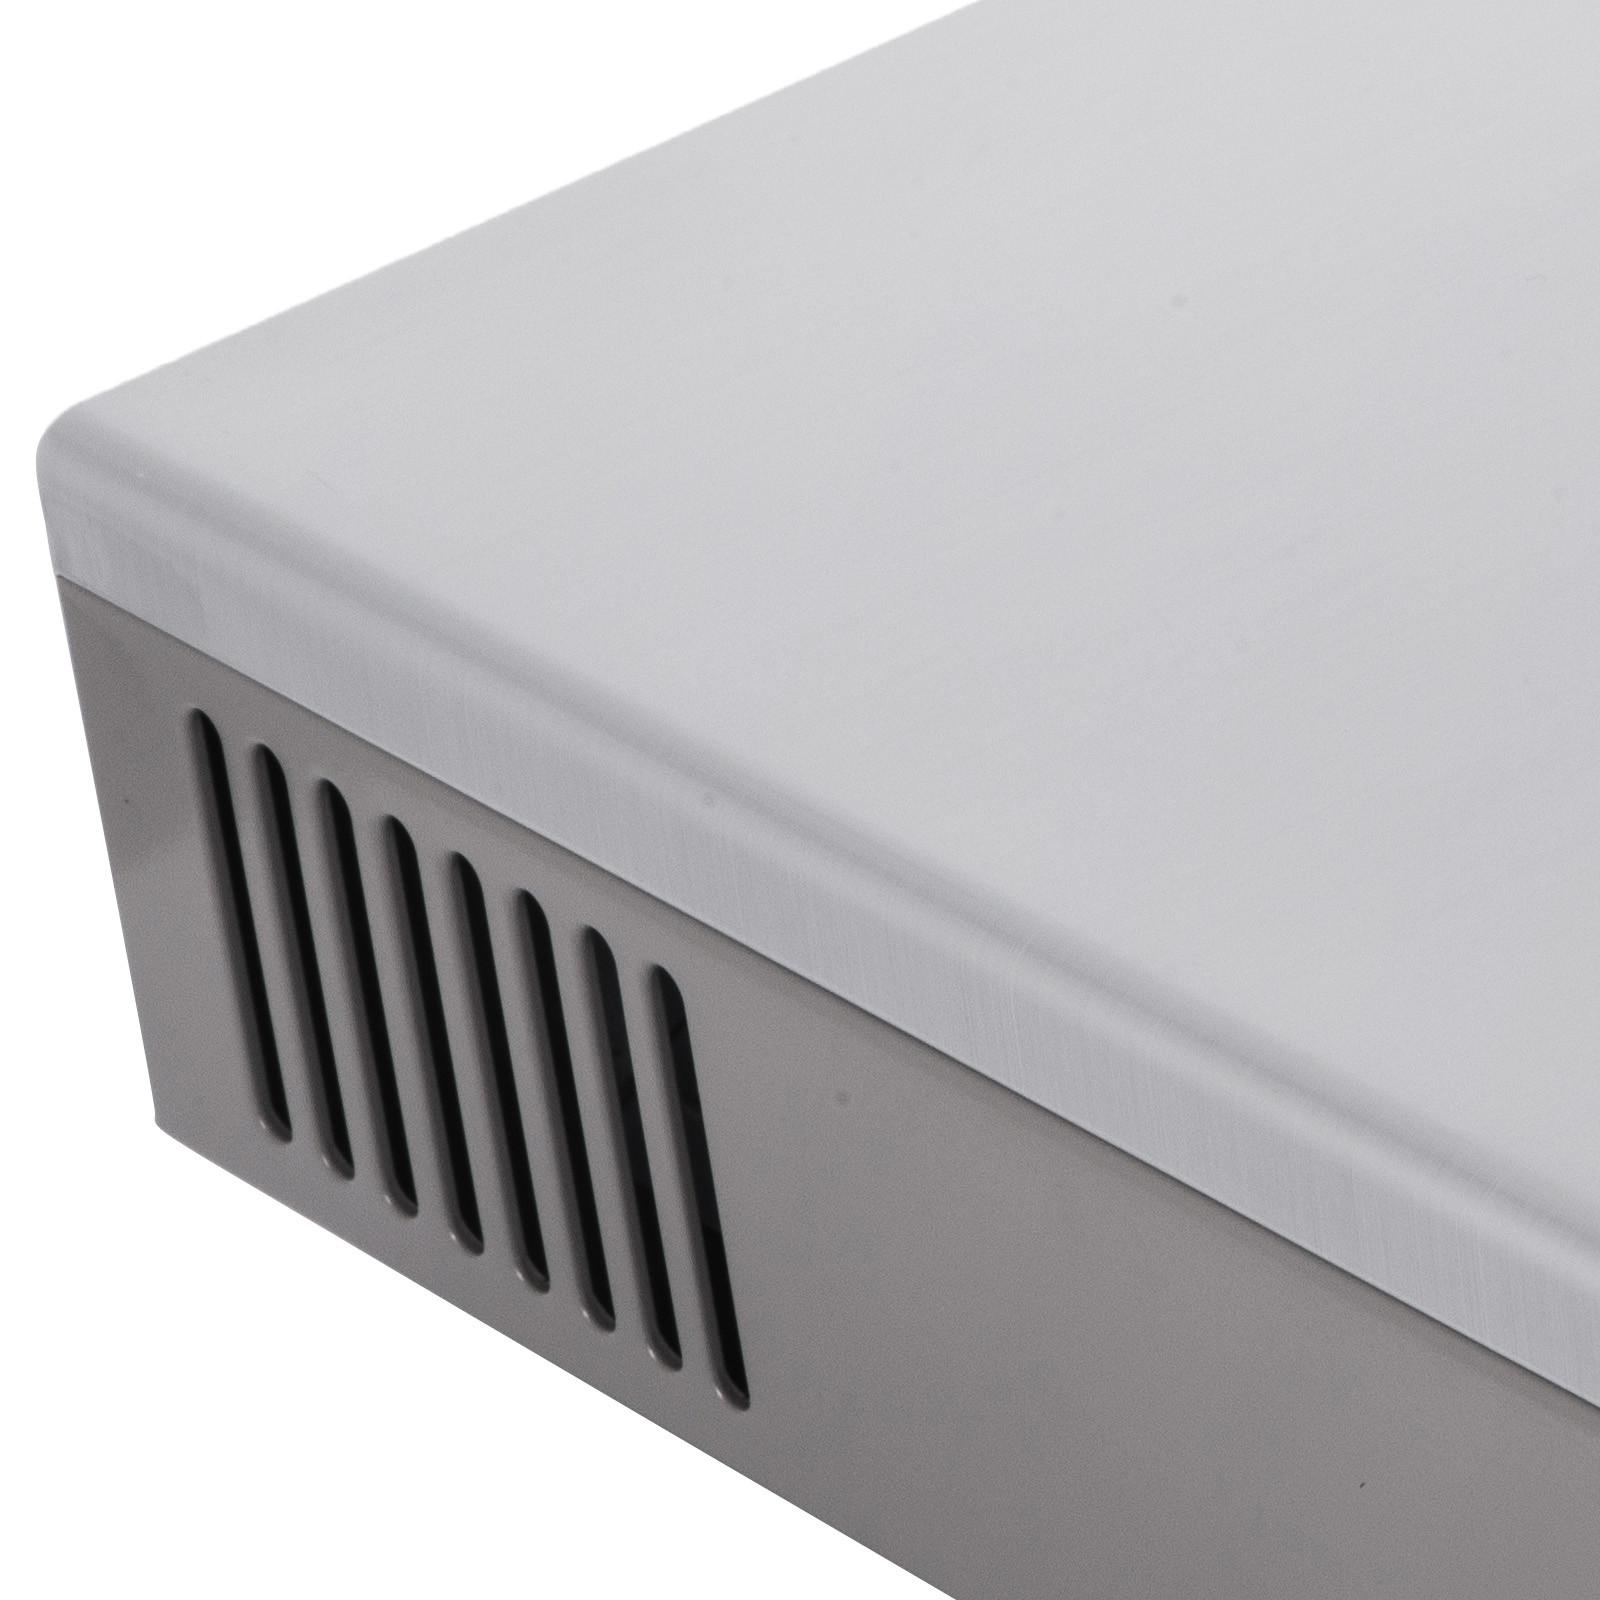 Propangas-Gas-Durchlauferhitzer-Warmwasserbereiter-Boiler-Warmwasserspeicher Indexbild 82